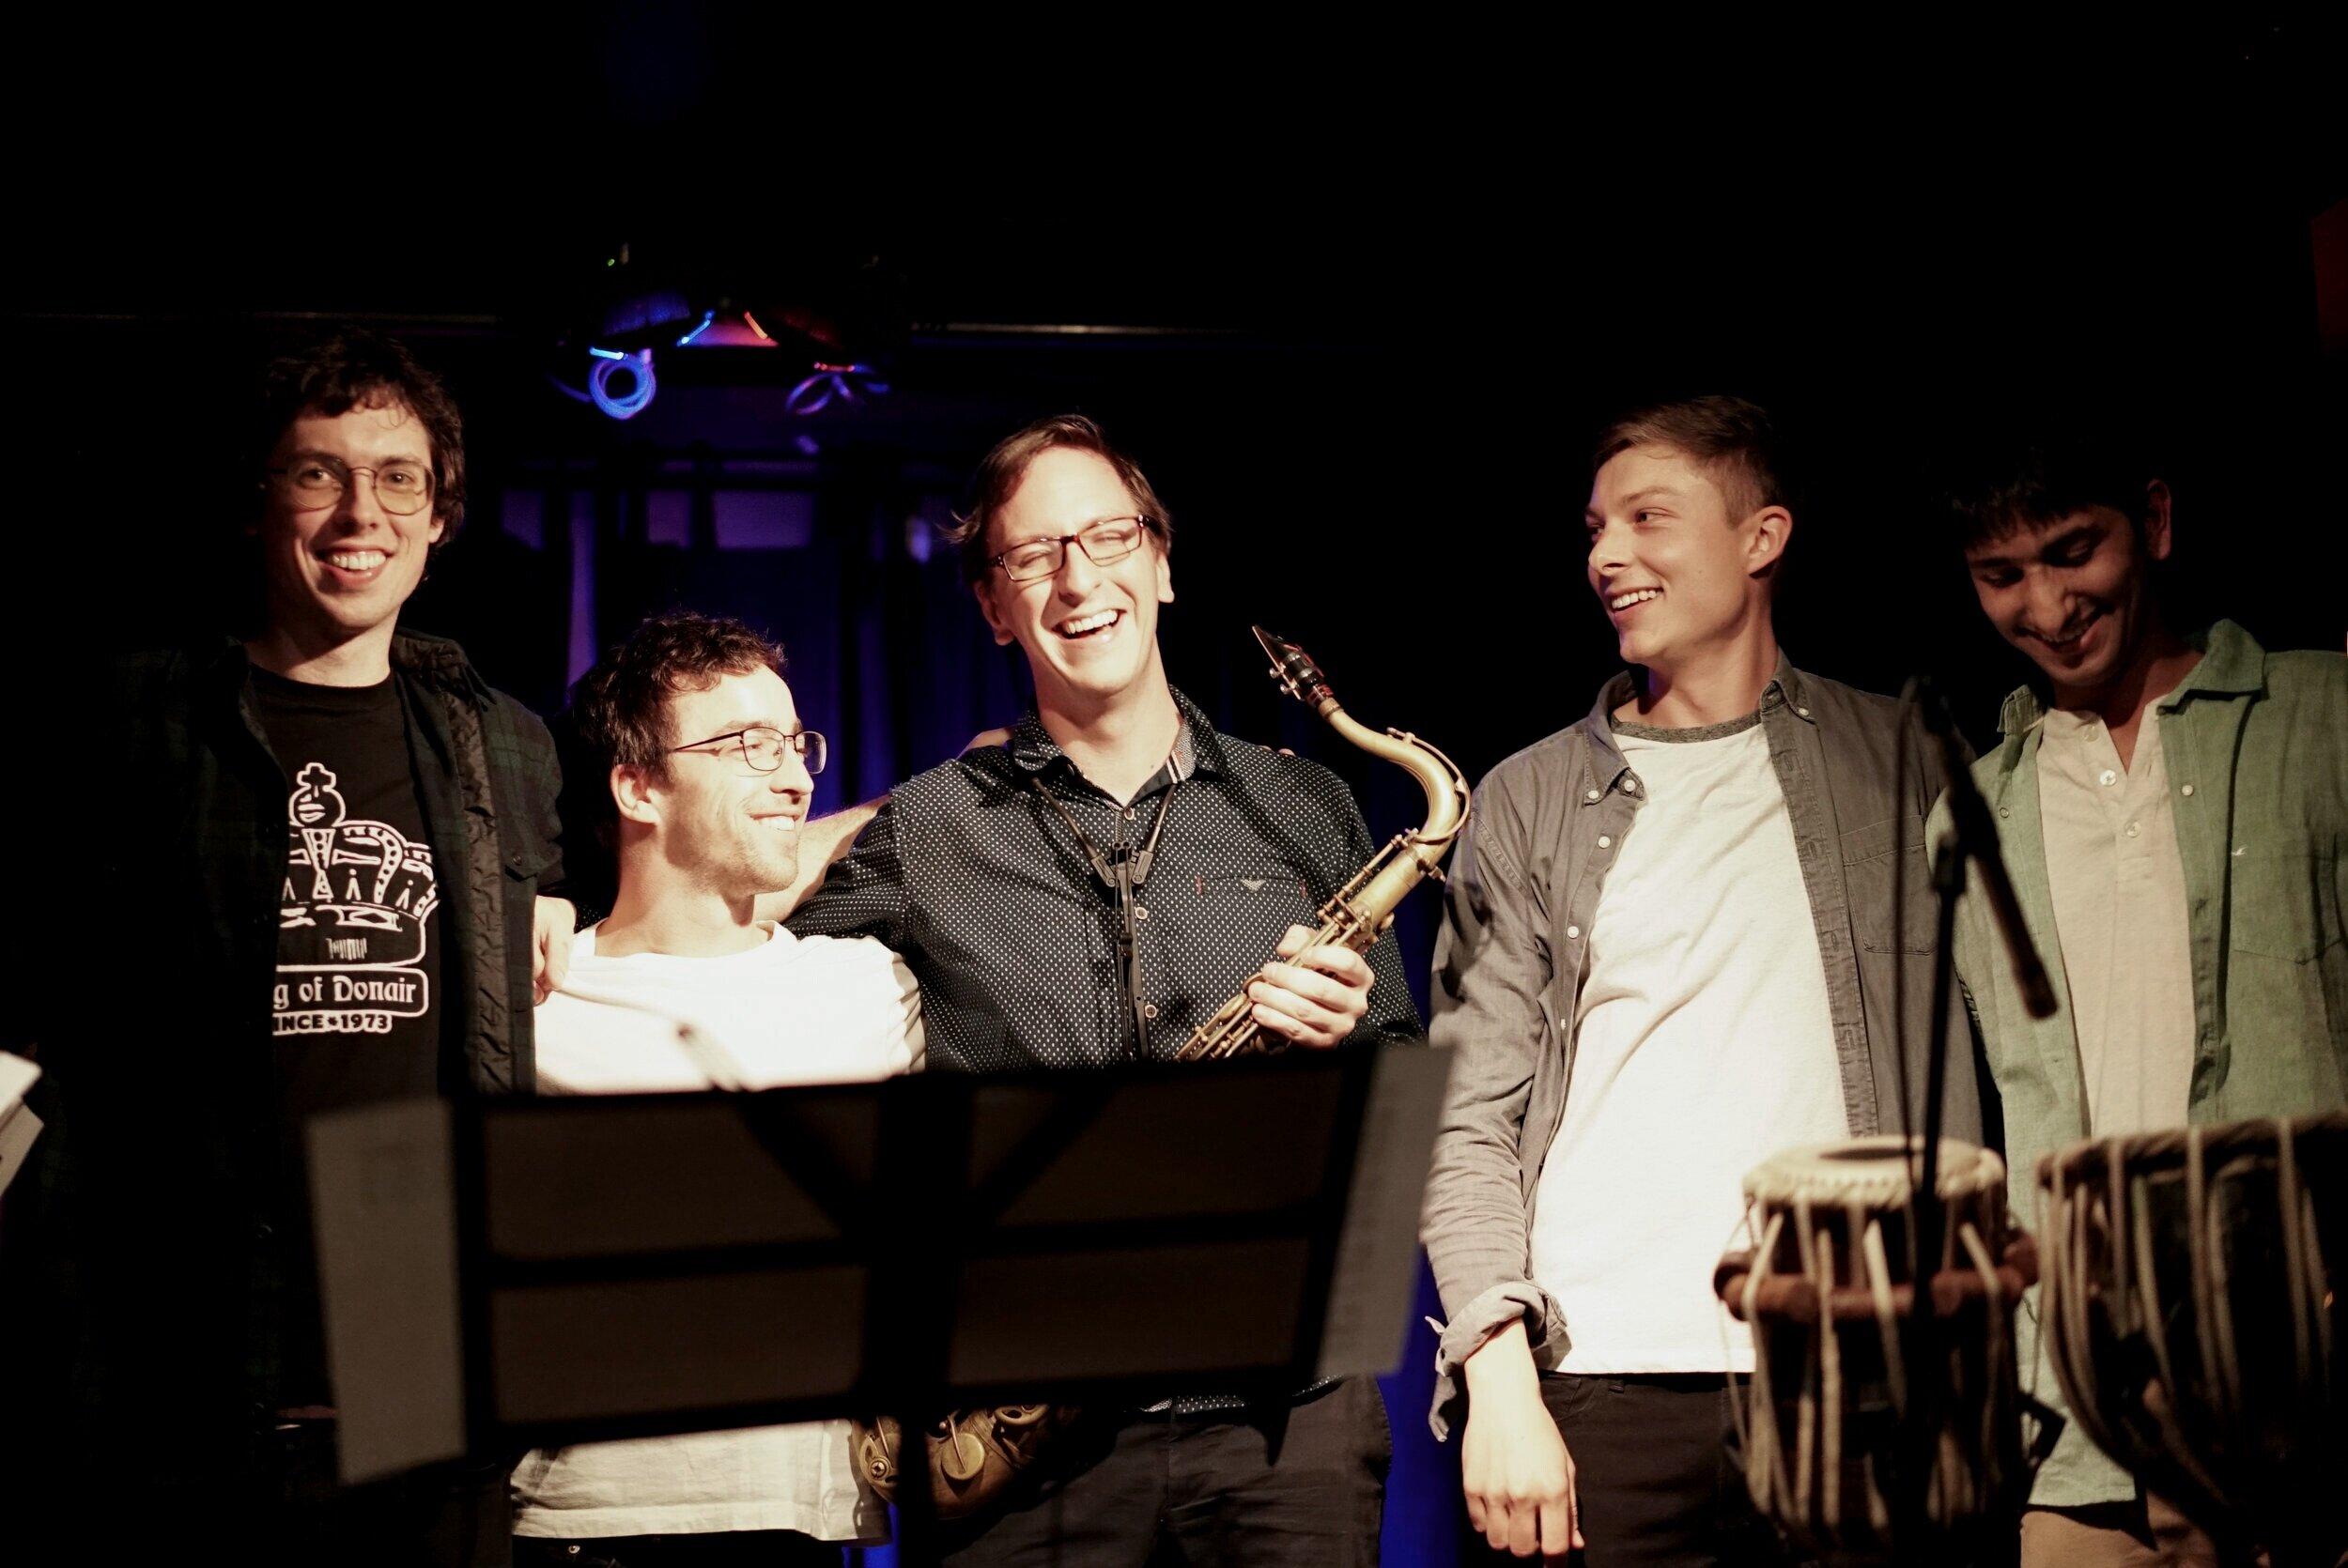 Søren Nissen's Departures Band (James Hill, Ian Wright, Jeff LaRochelle, Søren Nissen, Agneya Chikte)